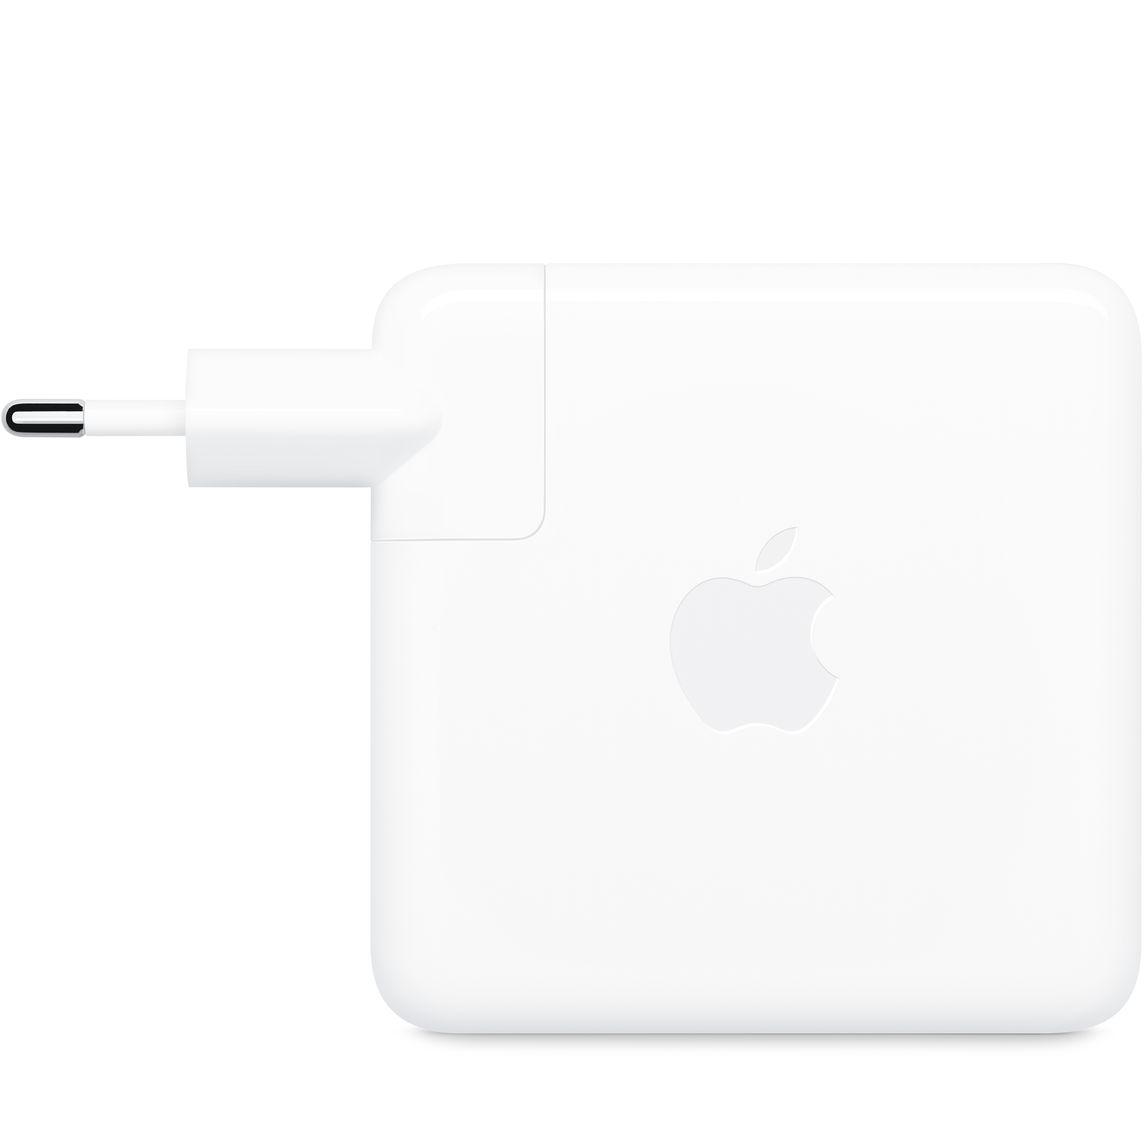 Problème chargement macbookpro15 remplacement